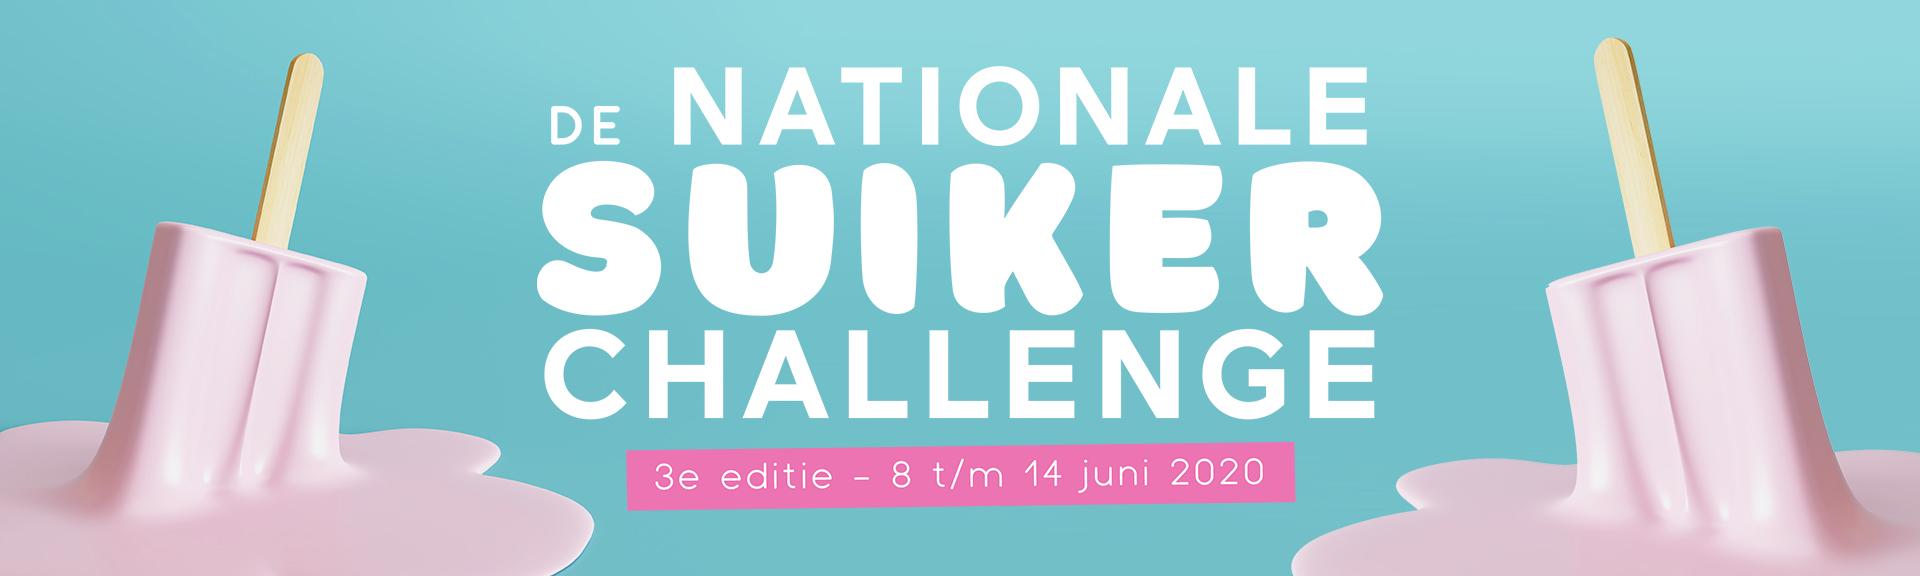 Nationale Suiker Challenge